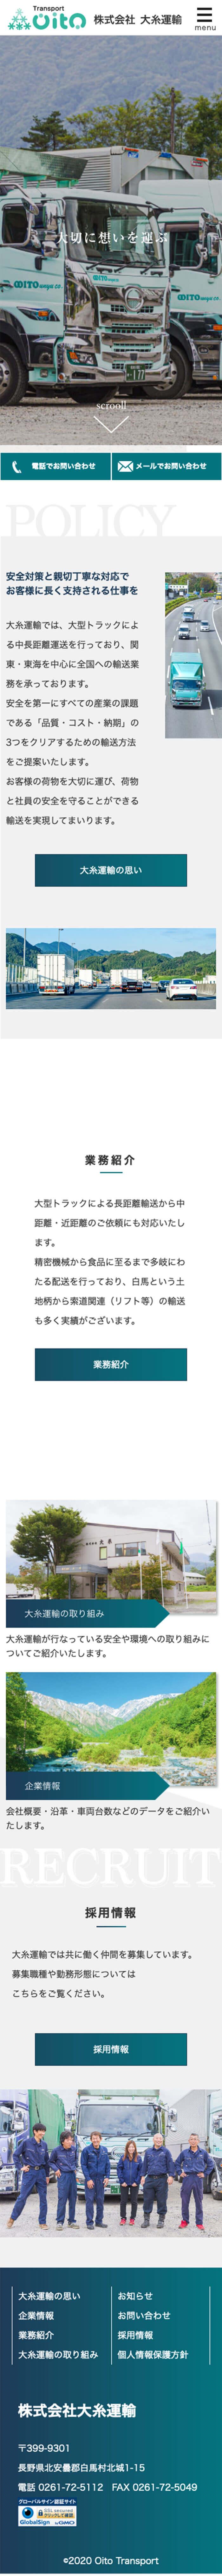 株式会社大糸運輸spイメージ